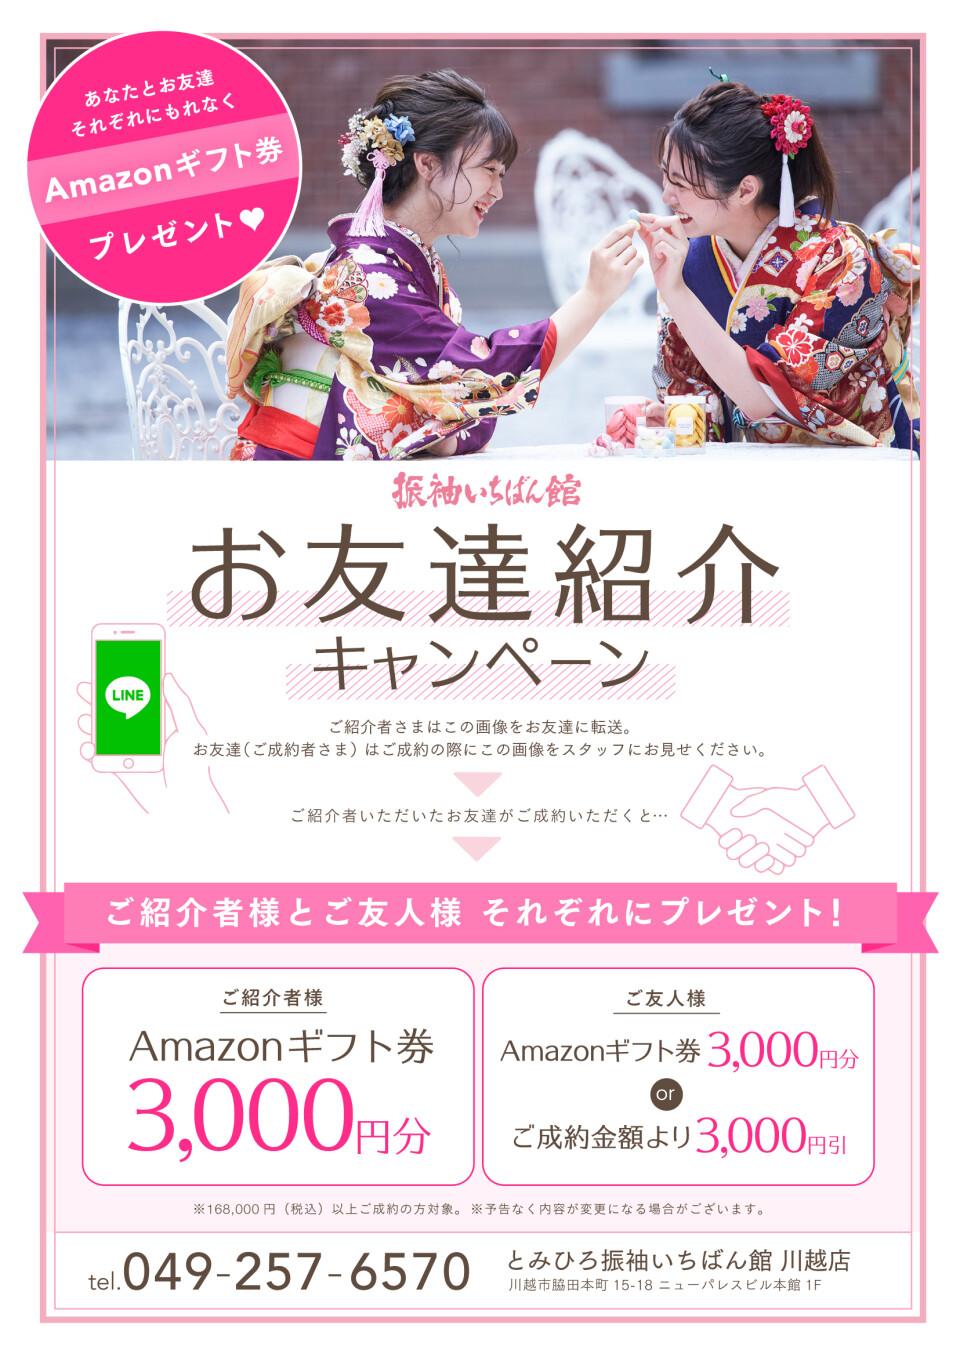 紹介キャンペーン2020_amazon_川越-06